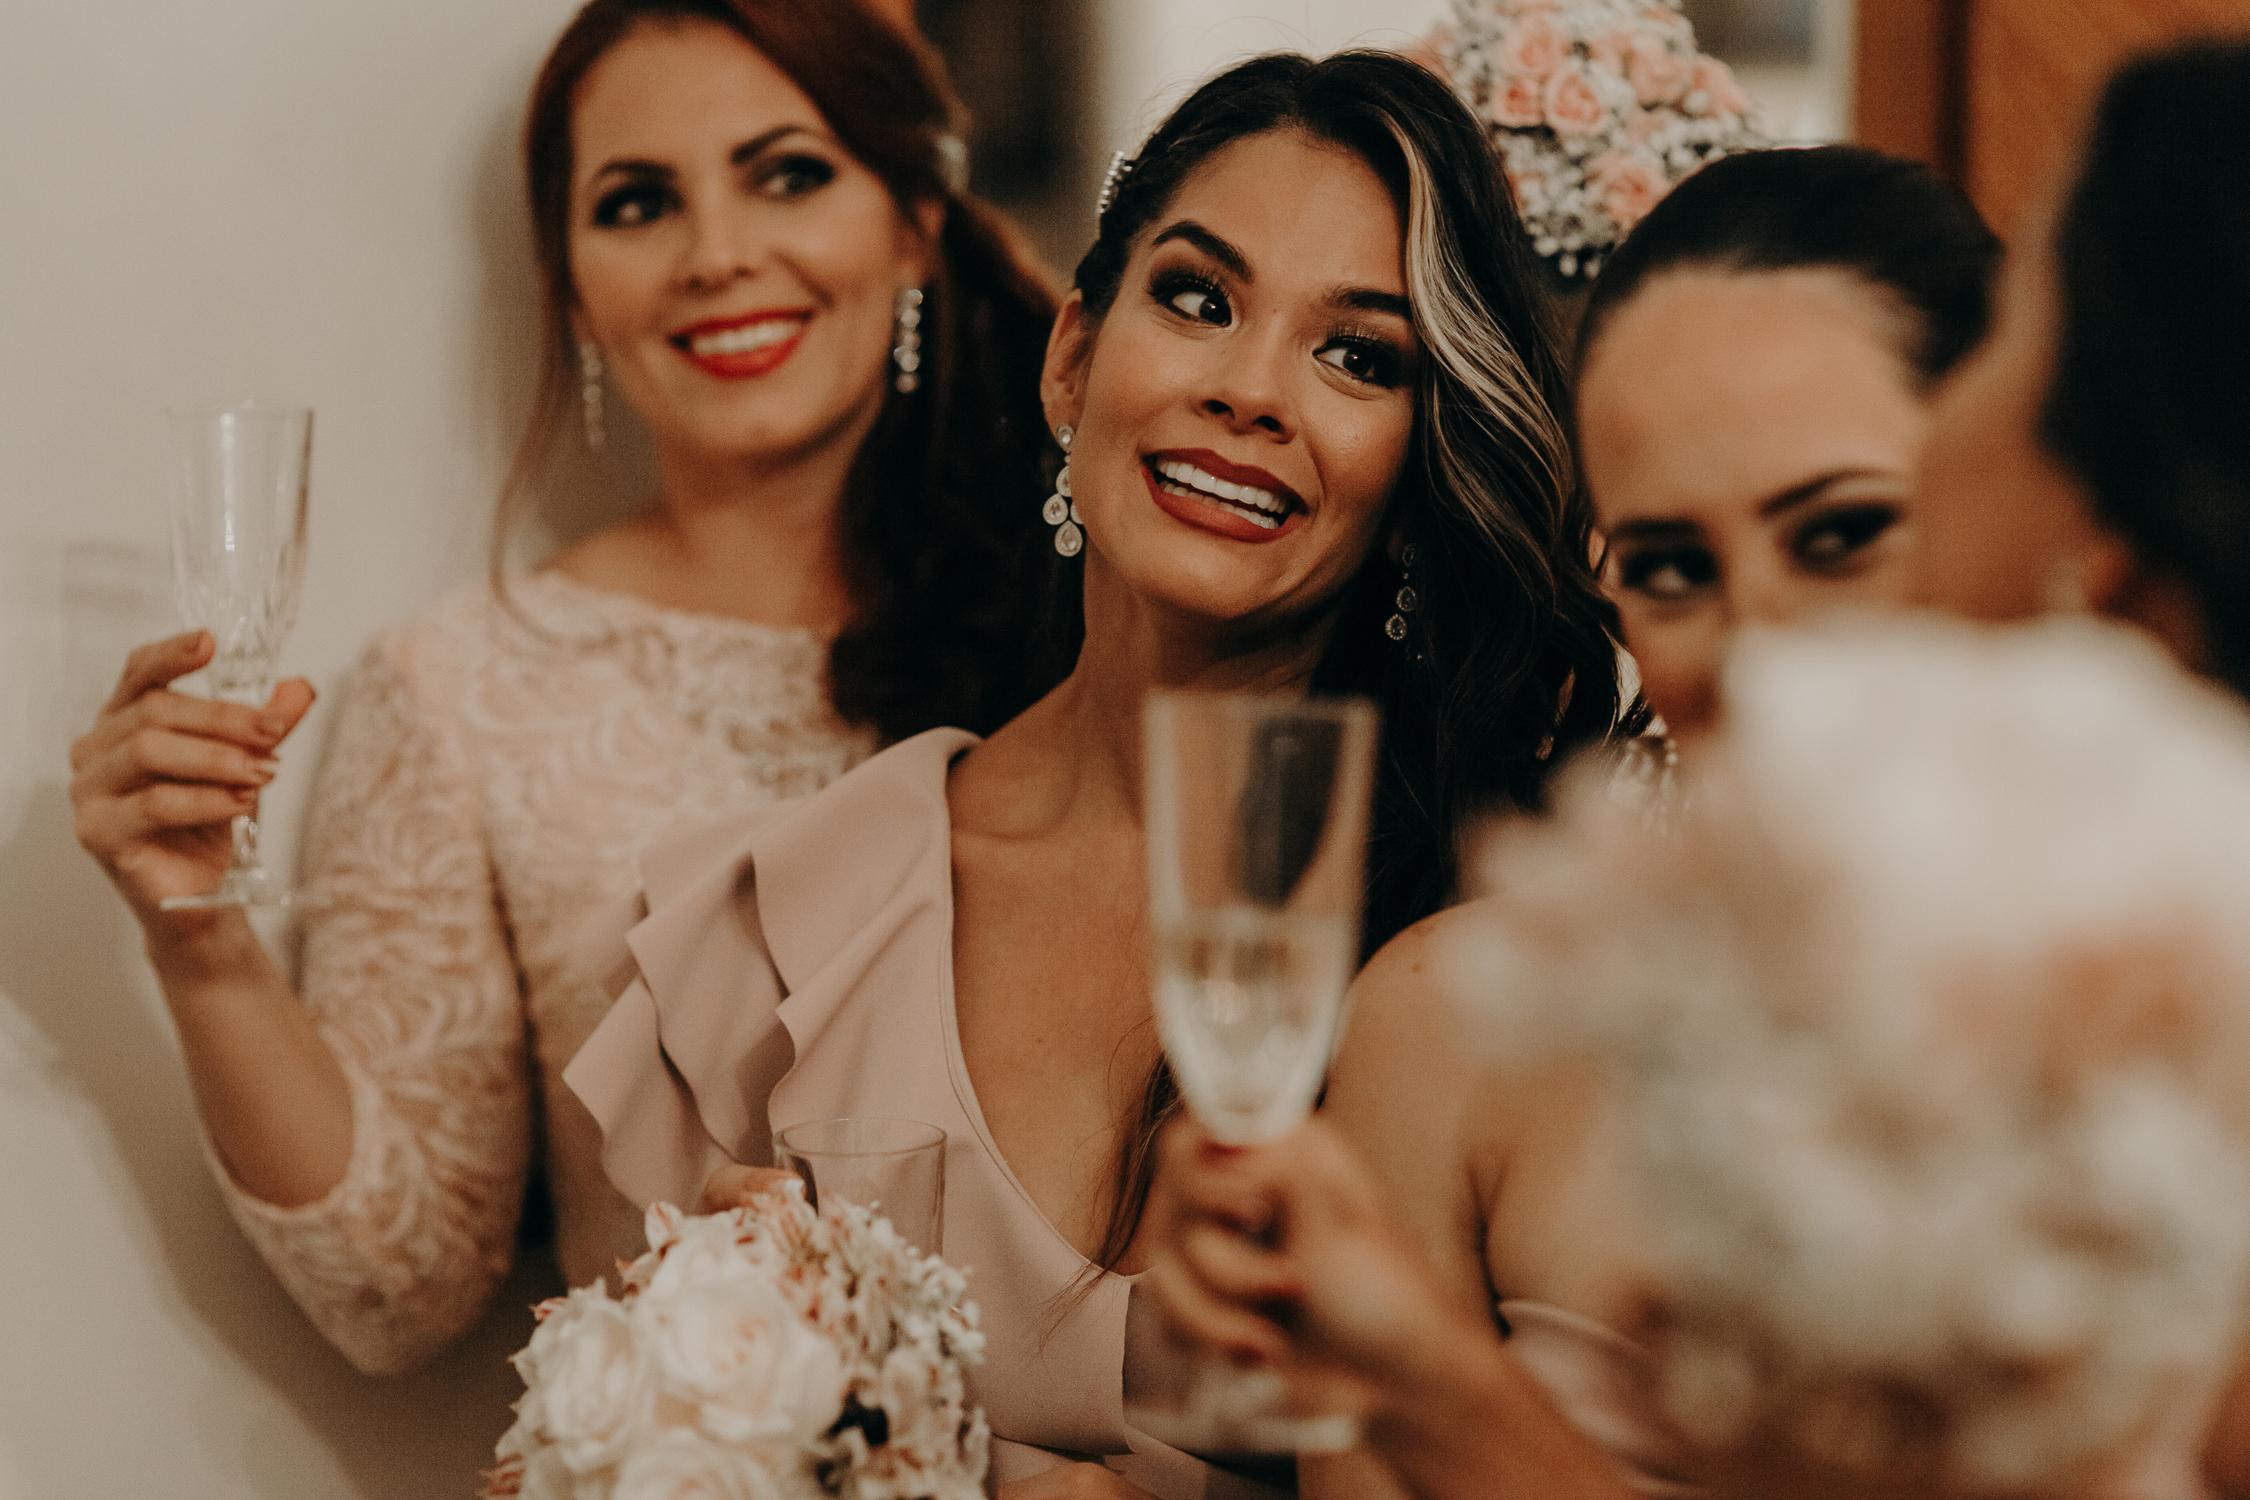 Michelle-Agurto-Fotografia-Bodas-Ecuador-Destination-Wedding-Photographer-Patricia-Guido-40.JPG